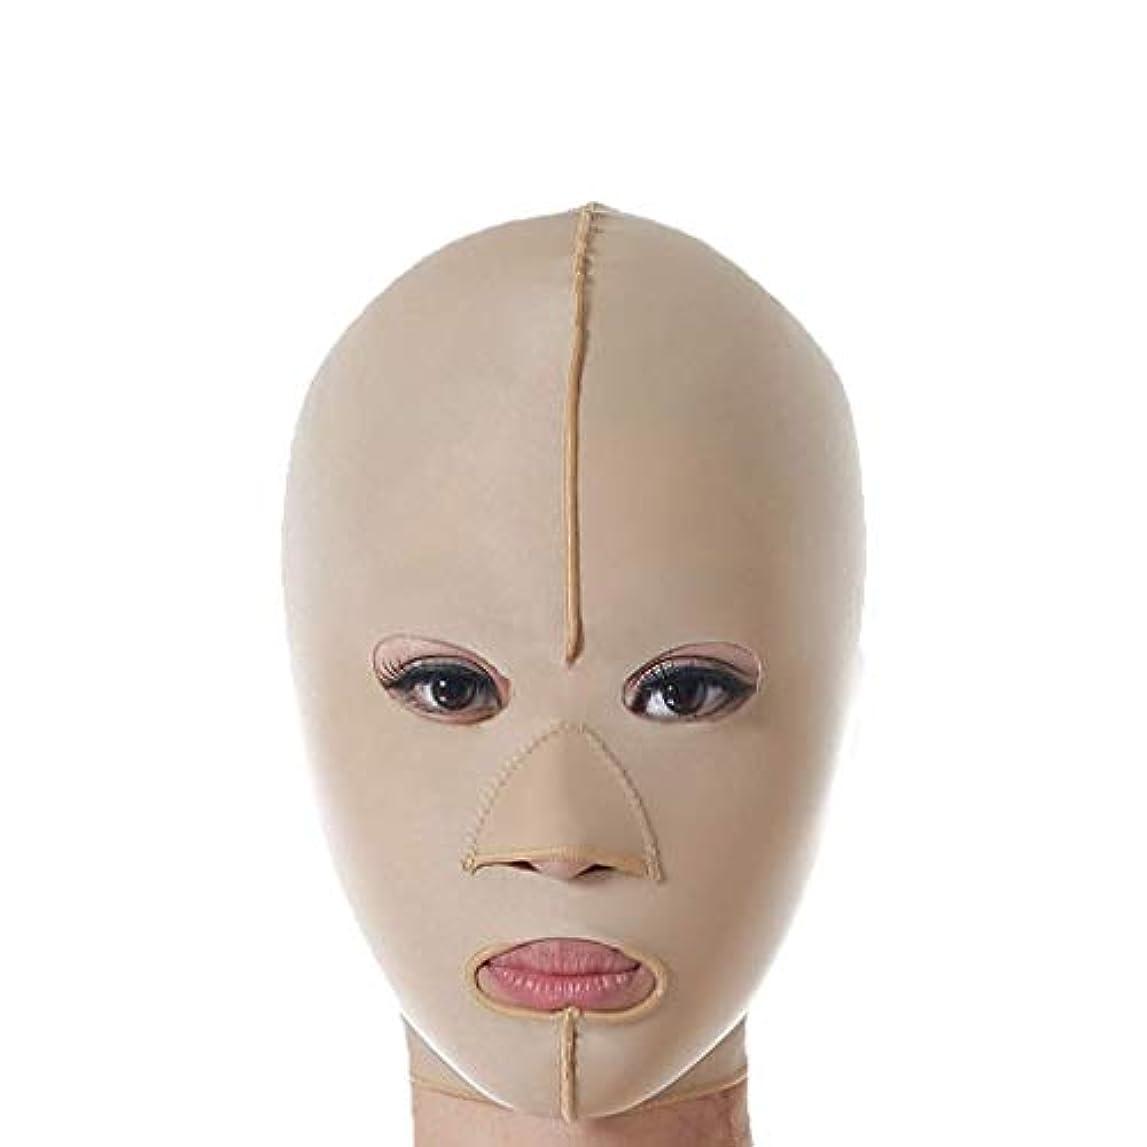 悲惨多年生余暇減量フェイスマスク、リフティング包帯、スリムフェイスリフトリフティングベルト、フェイシャル減量リフティング包帯、リフティングファーミング包帯(サイズ:XL),XL